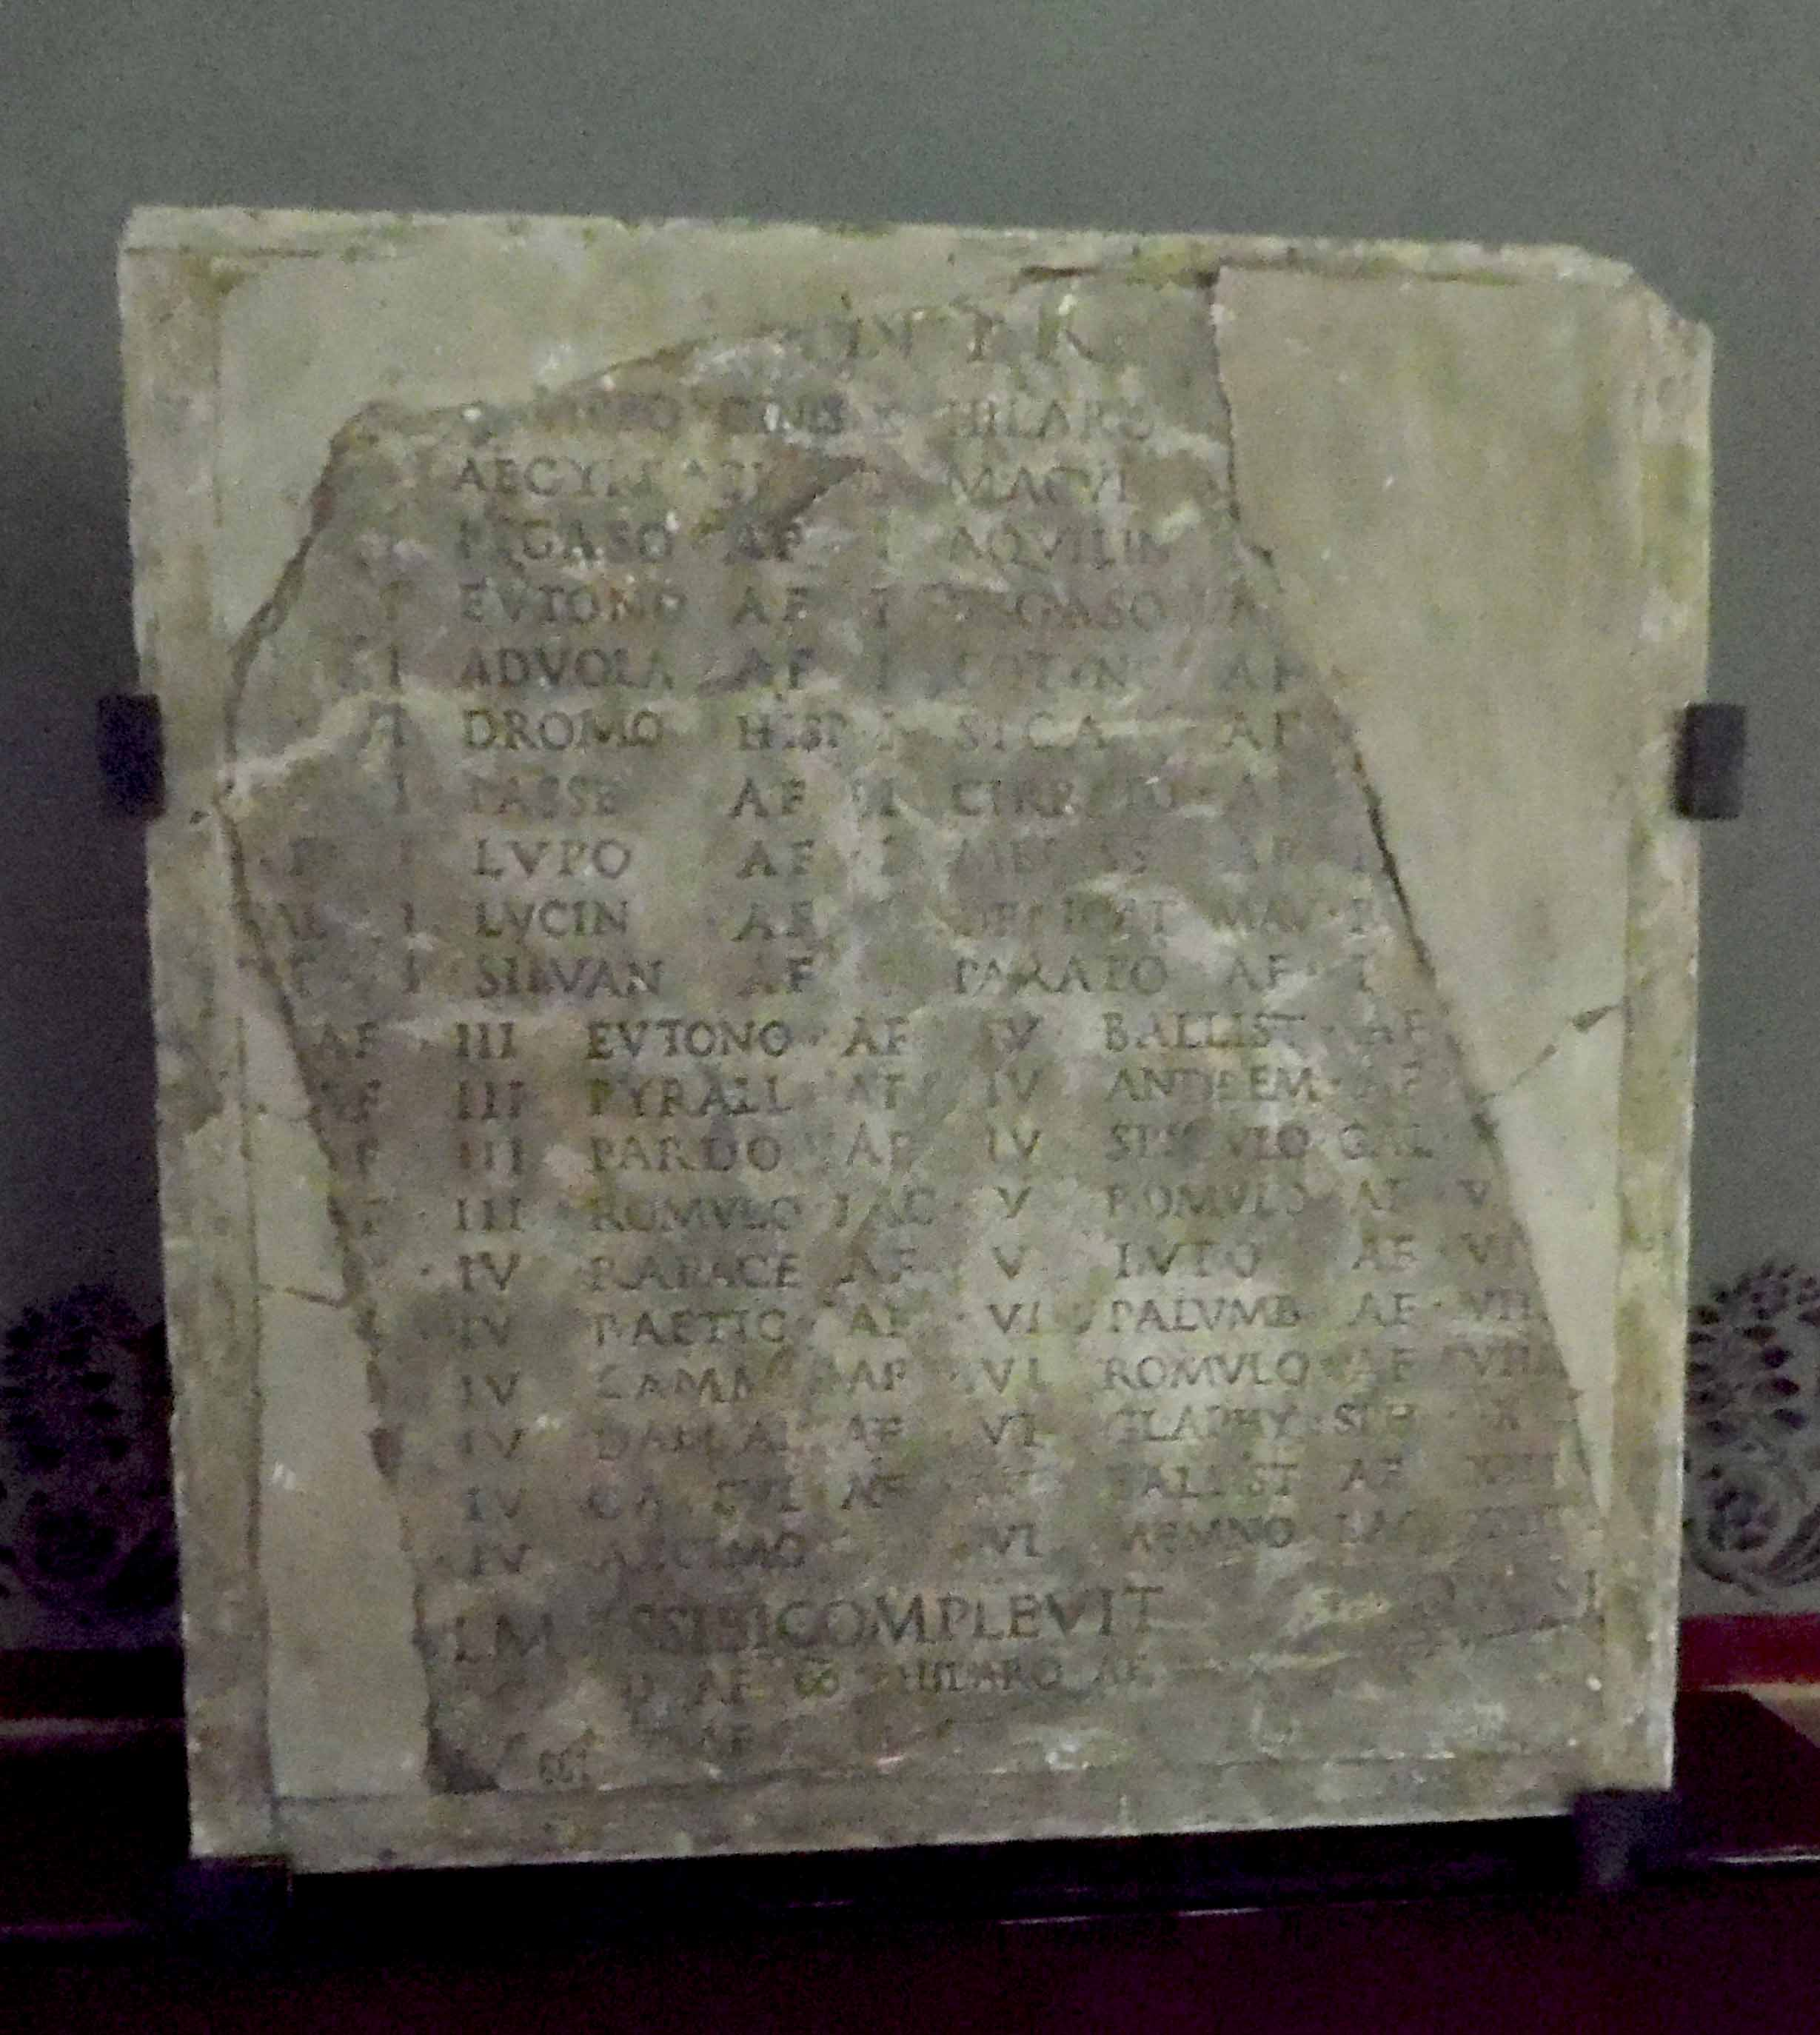 Frammento di elogio in marmo (Epigrafe) - ambito romano (Eta' di Adriano)